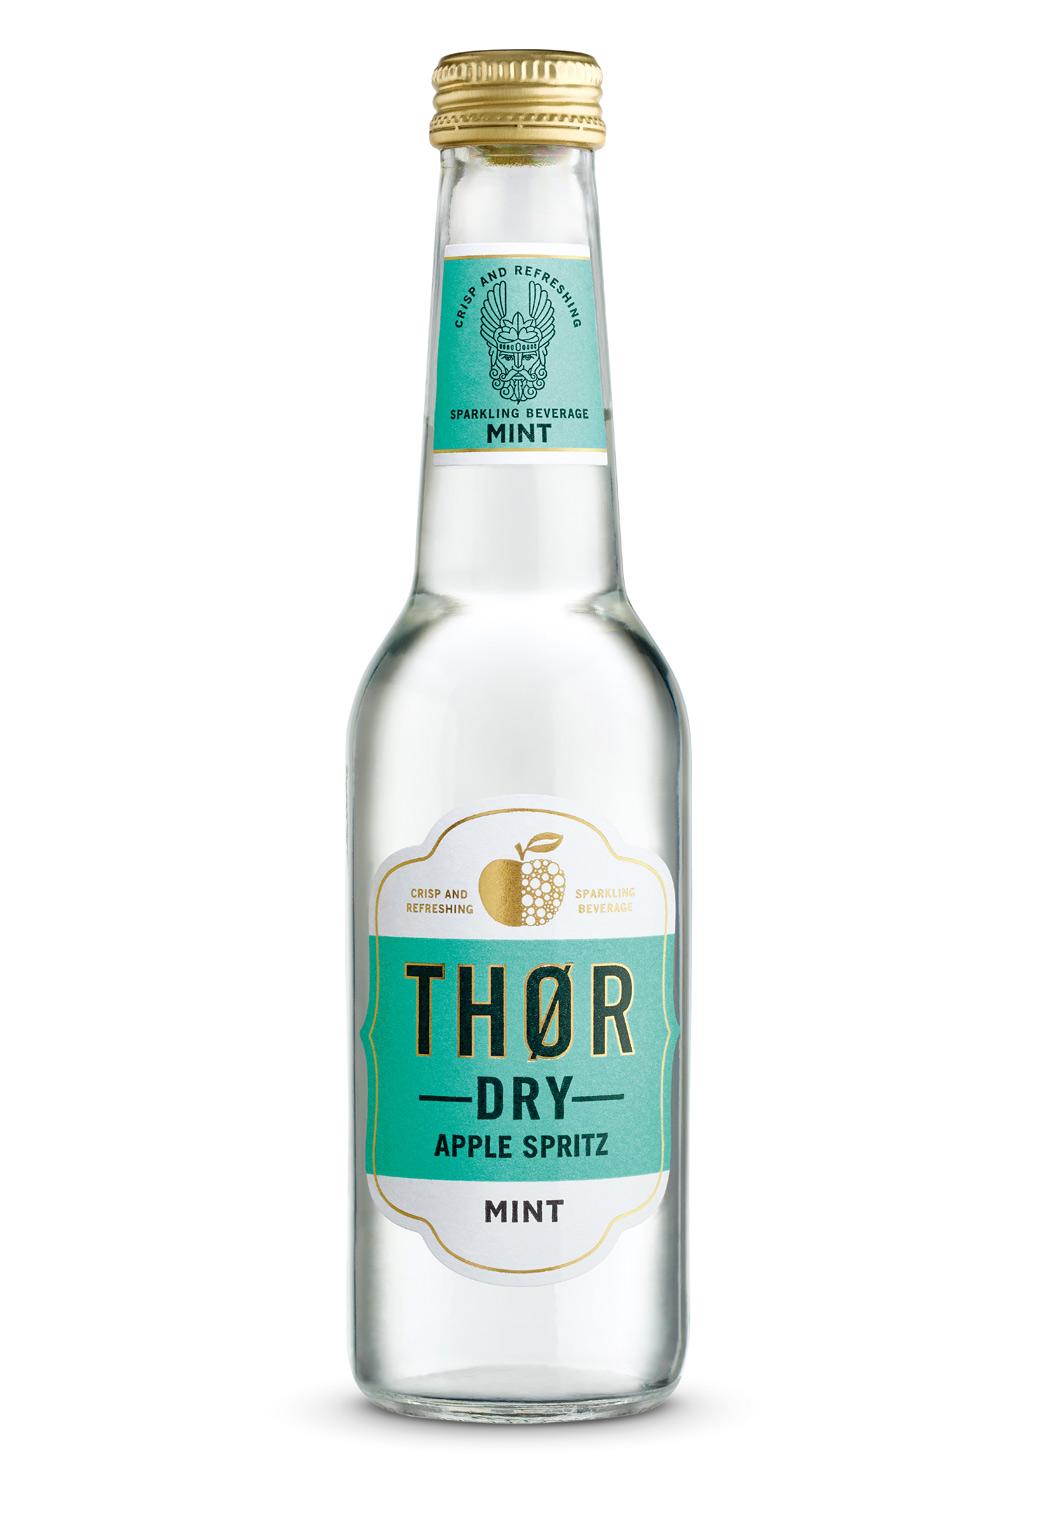 Thor Mint